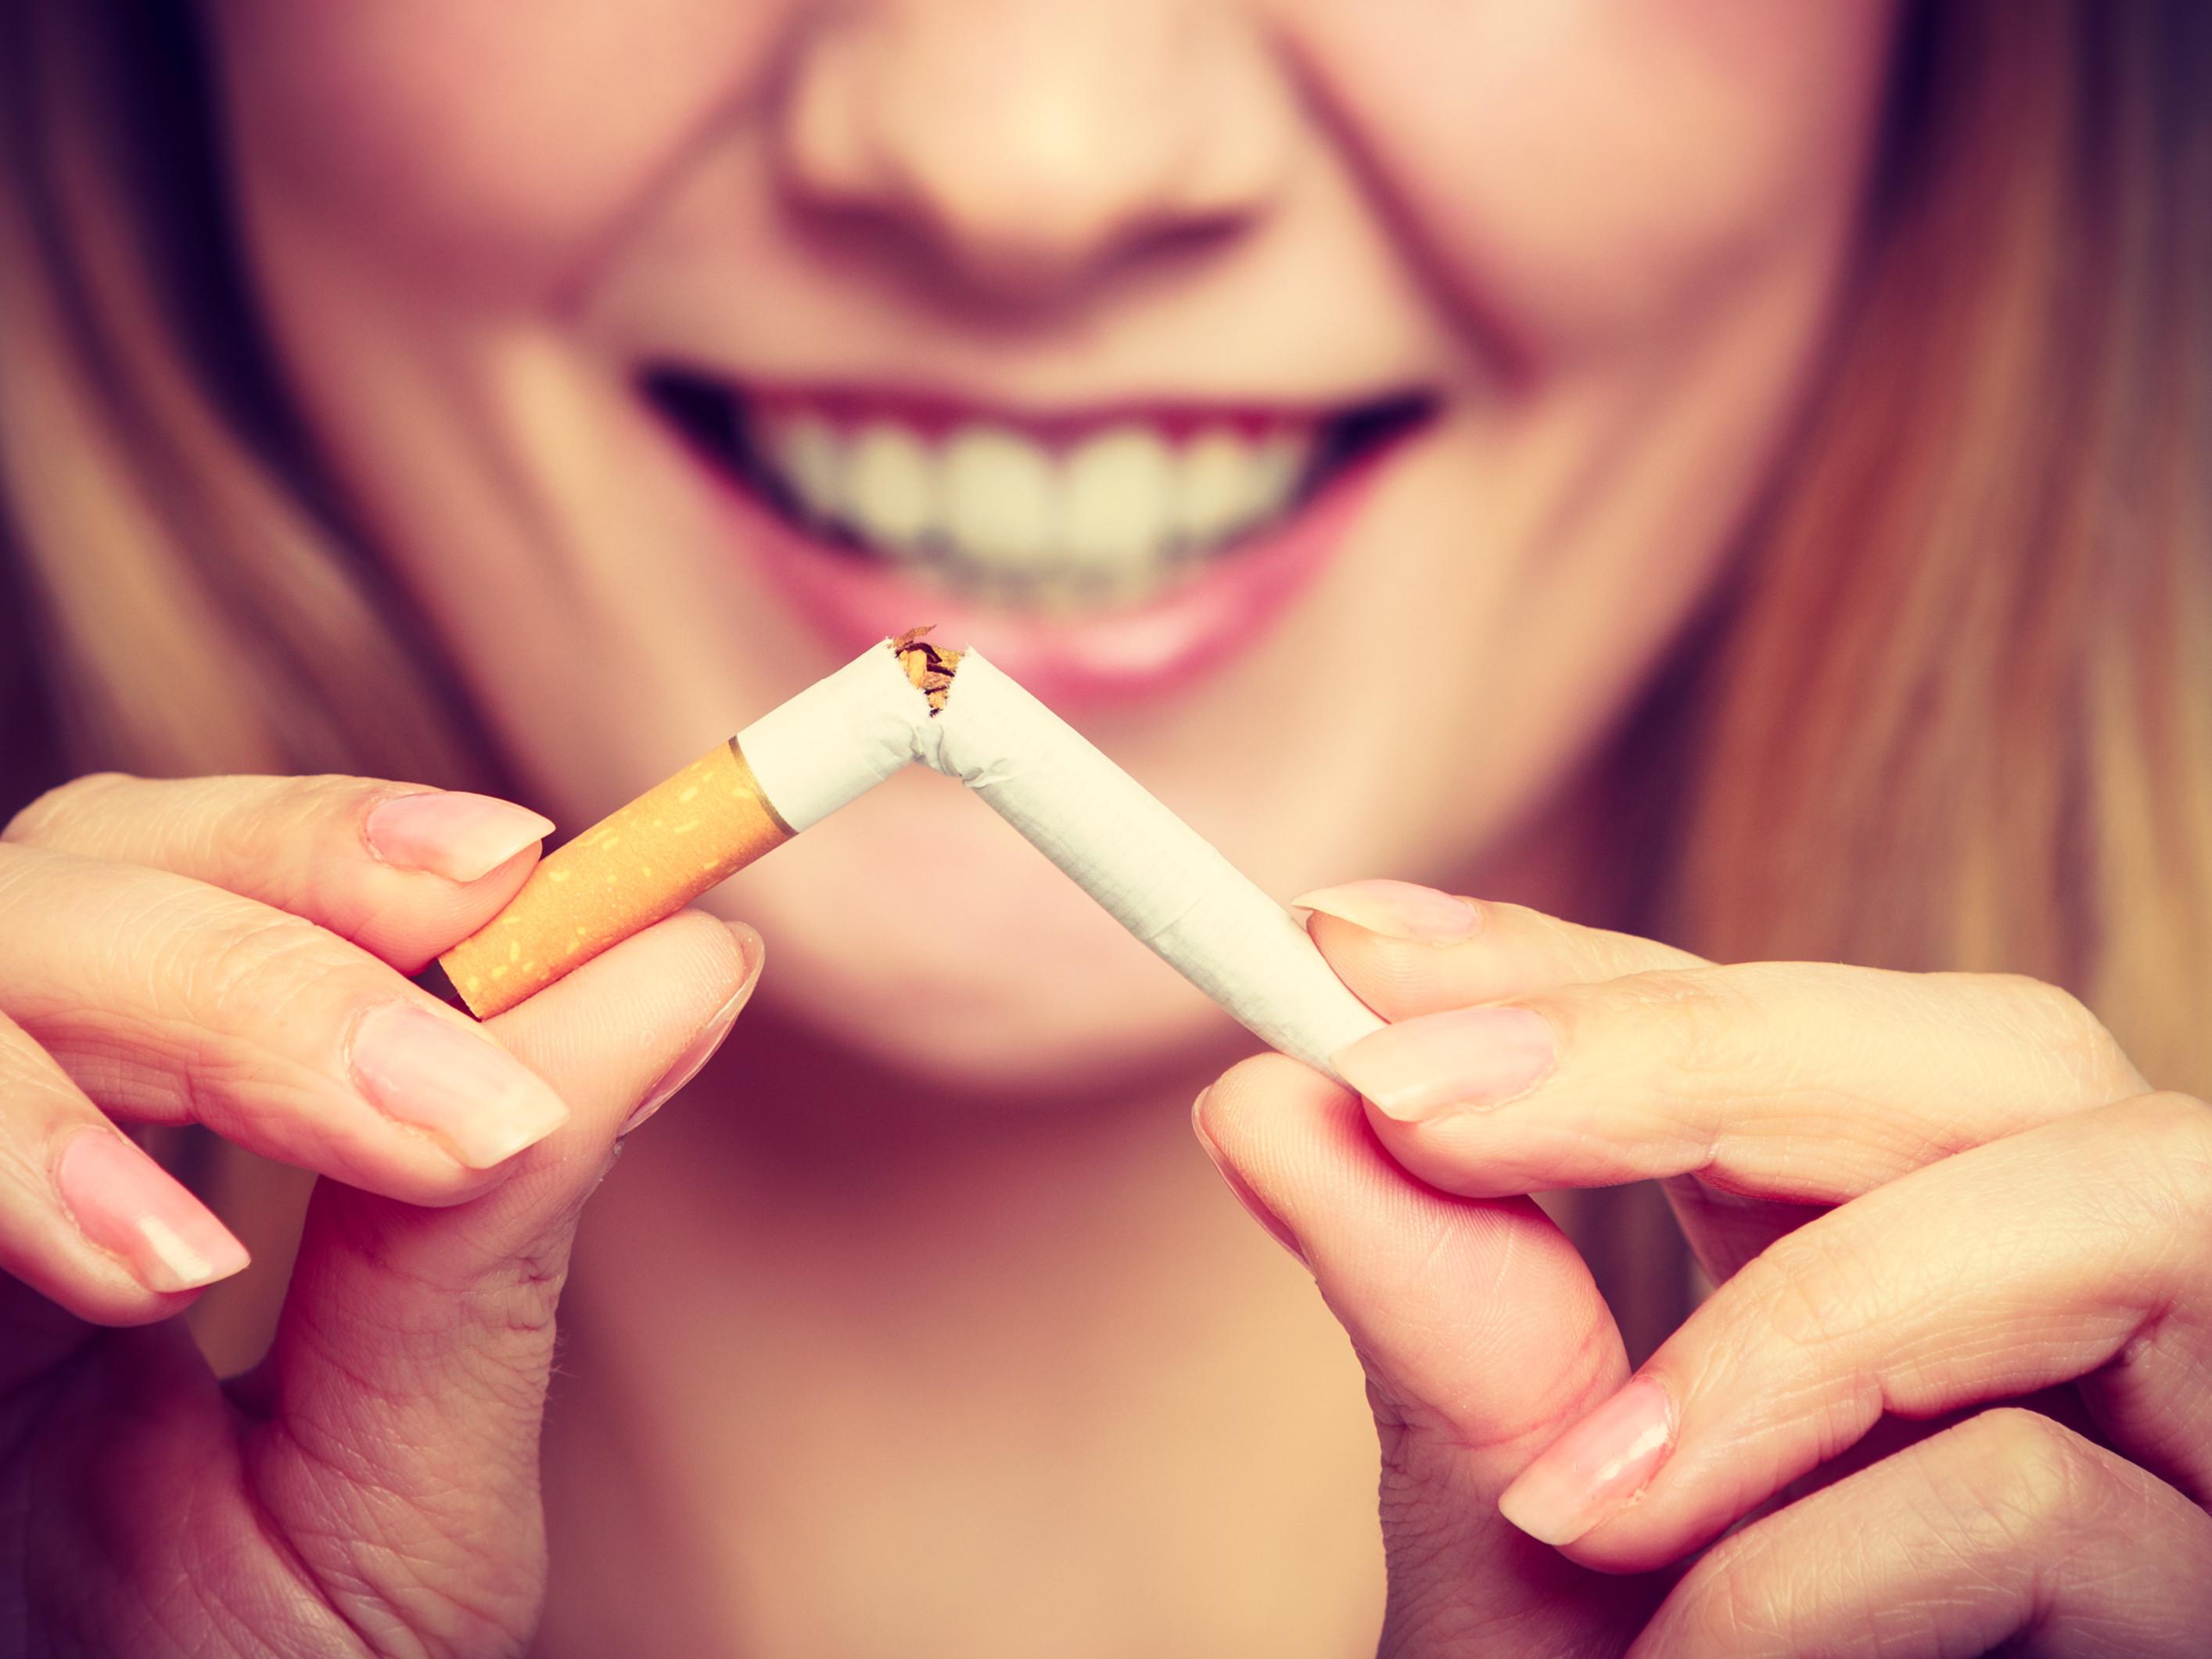 Stop Smoking/Vaping